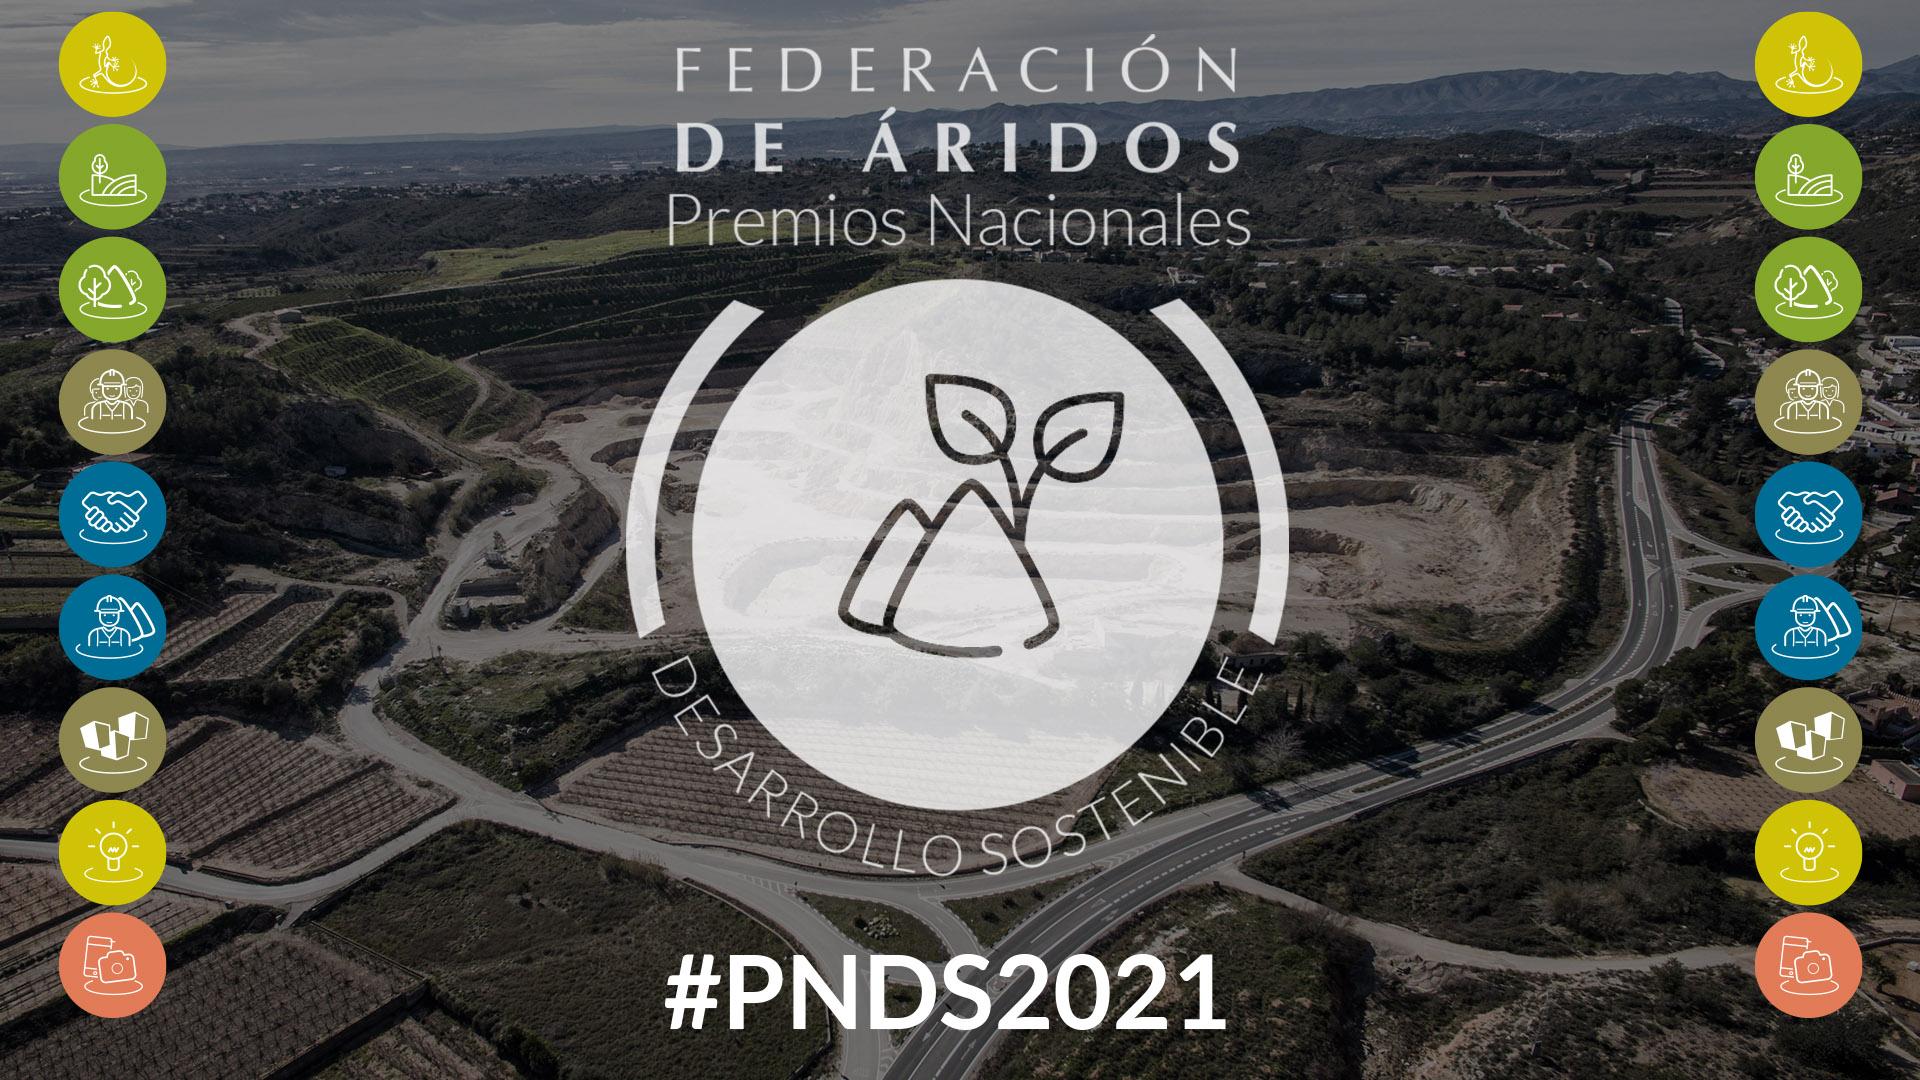 Lanzamiento de los Premios Nacionales de Desarrollo Sostenible en canteras y graveras 2021 con una imagen renovada y nuevas categorías